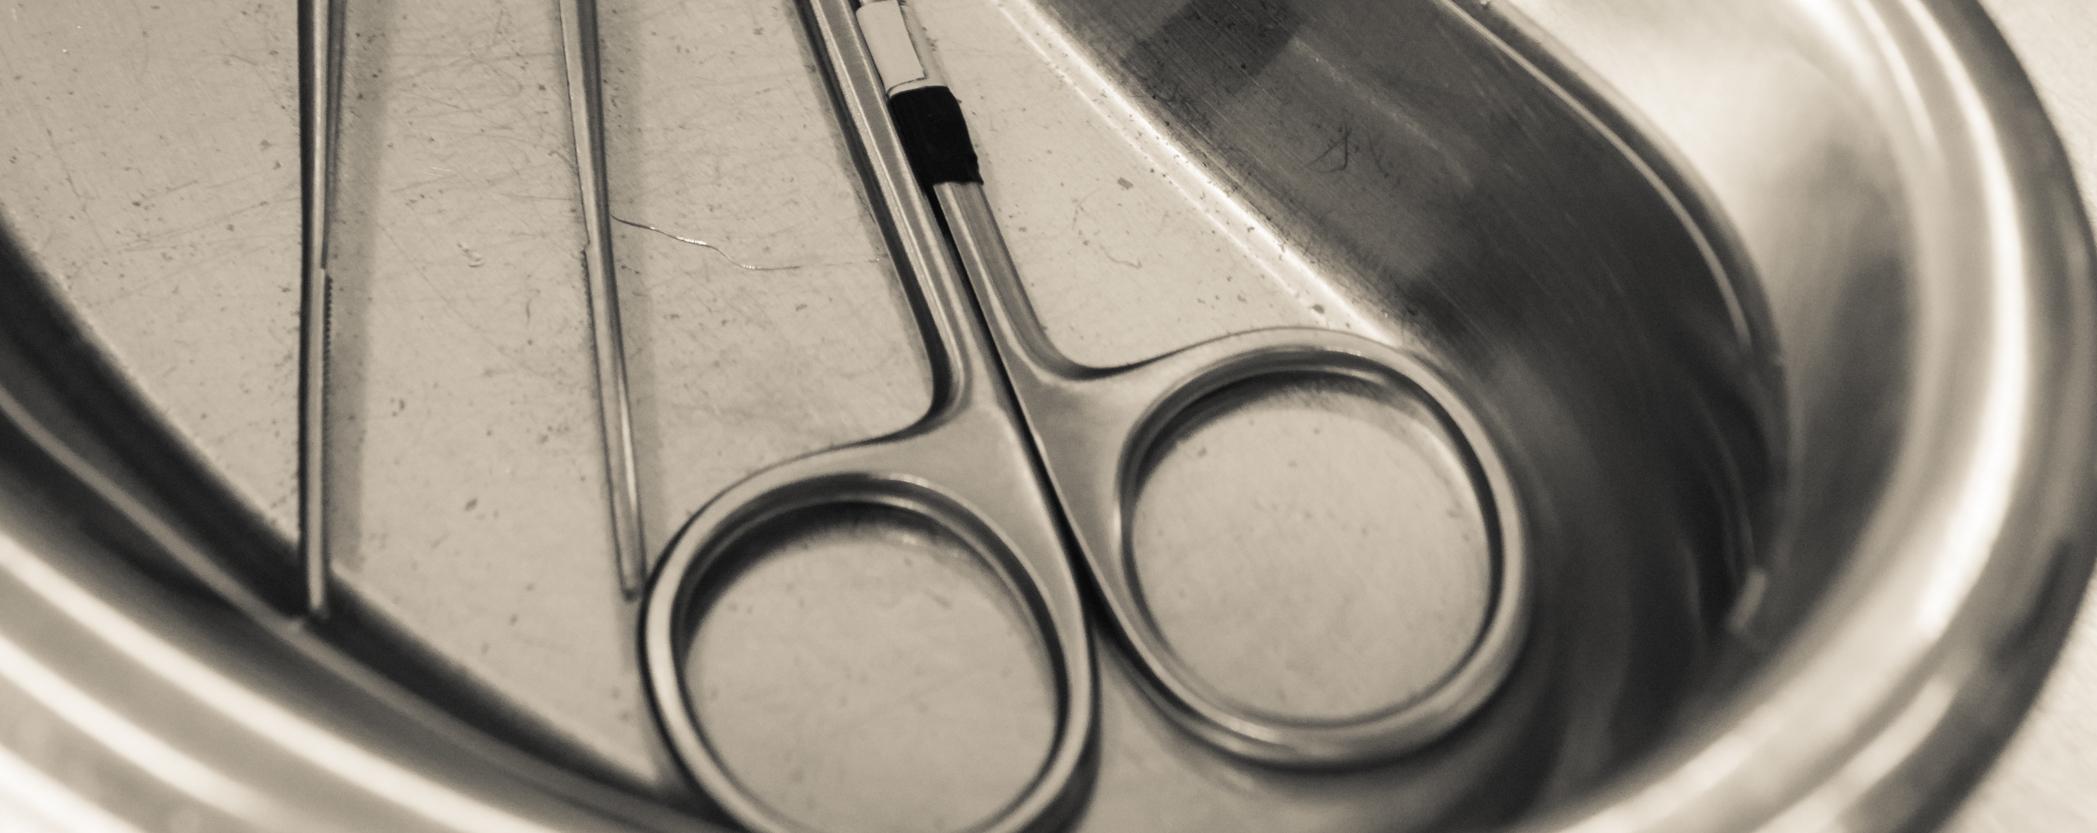 vet medical scissors